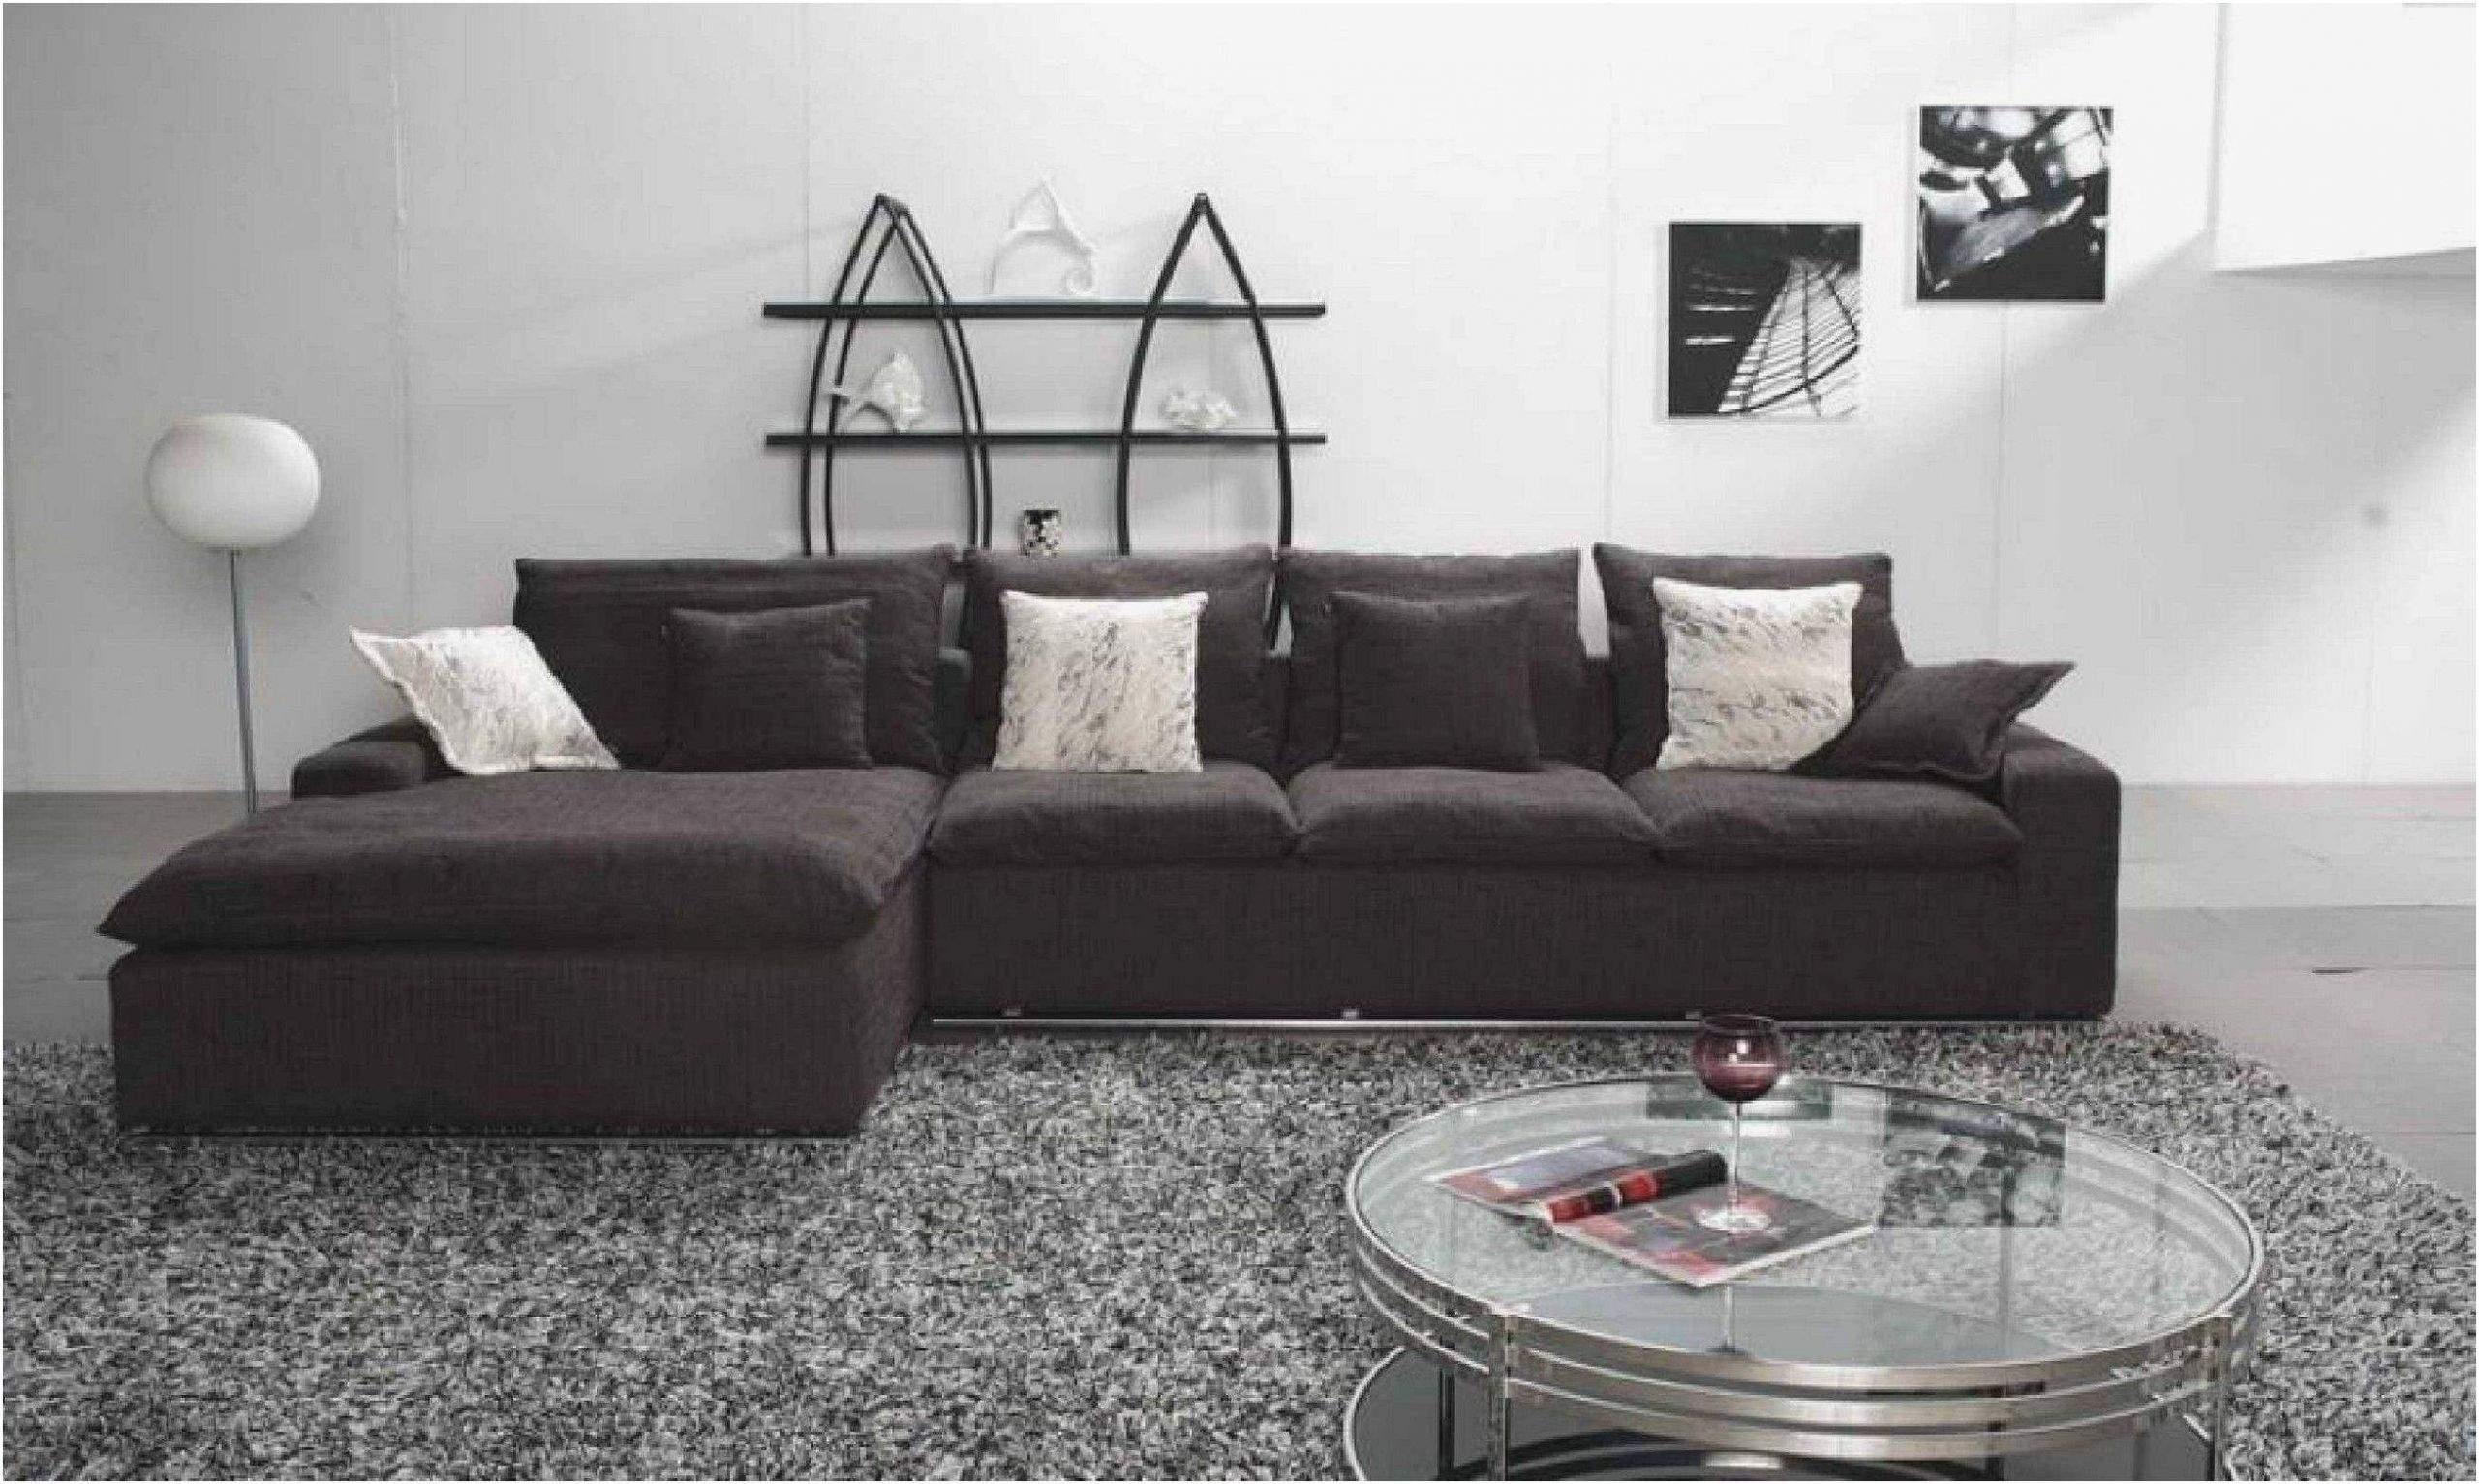 sitzecke wohnzimmer neu wohnzimmer sofas konzept frisch se jahre of sitzecke wohnzimmer scaled